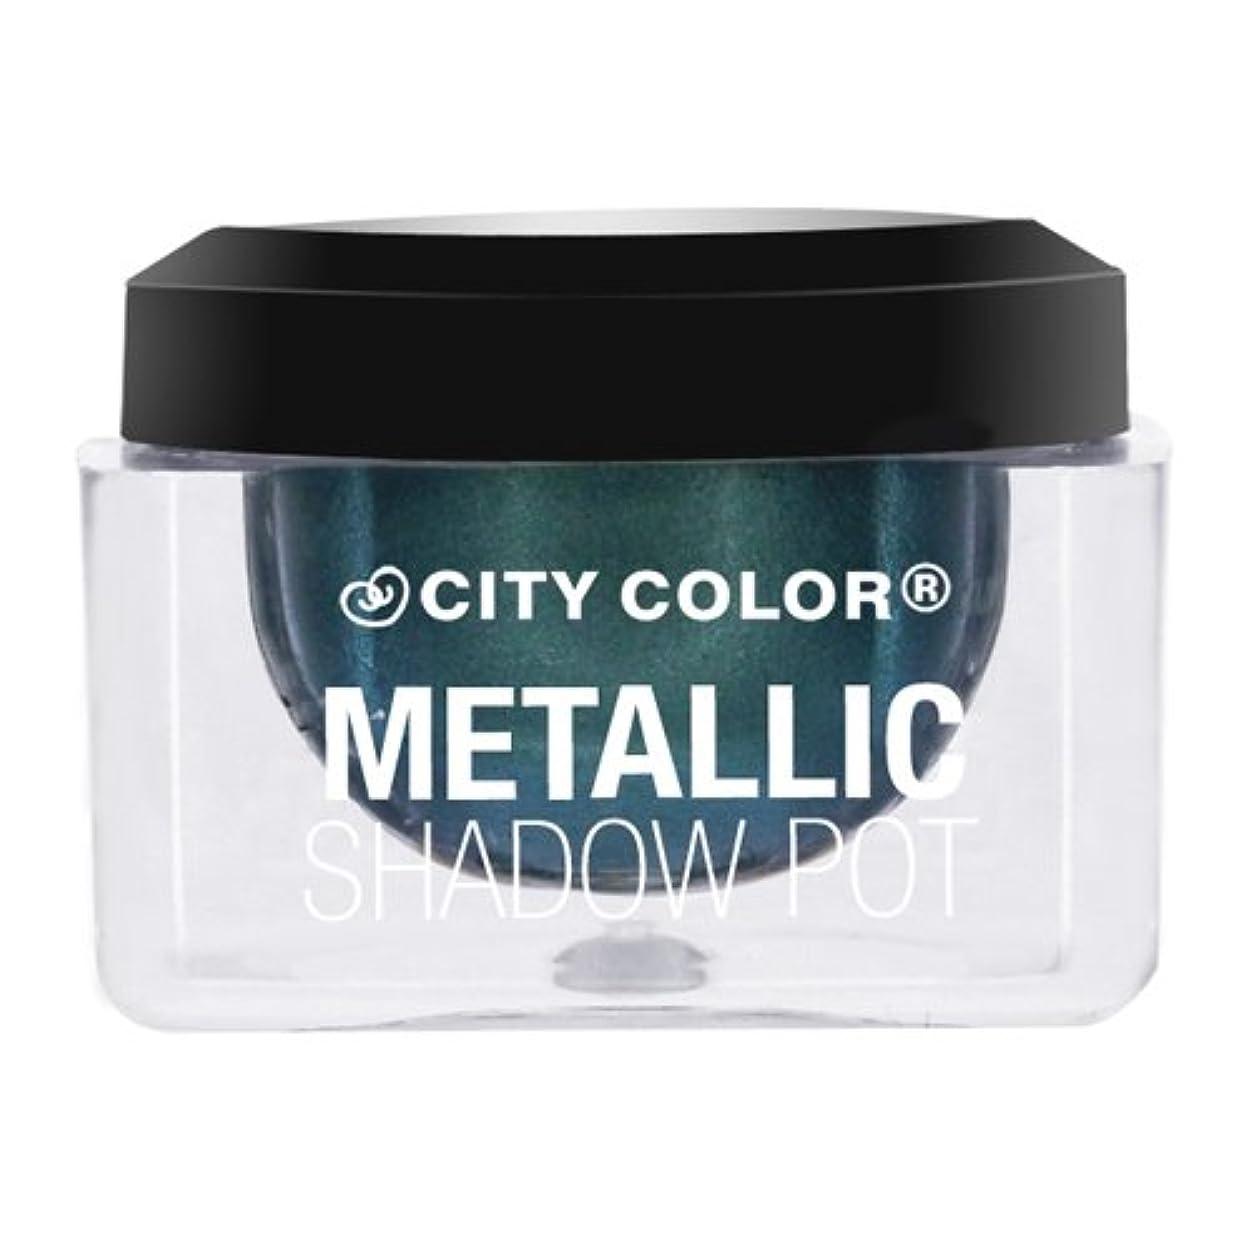 節約するデマンドハード(3 Pack) CITY COLOR Metallic Shadow Pot - Meteor Shower (並行輸入品)